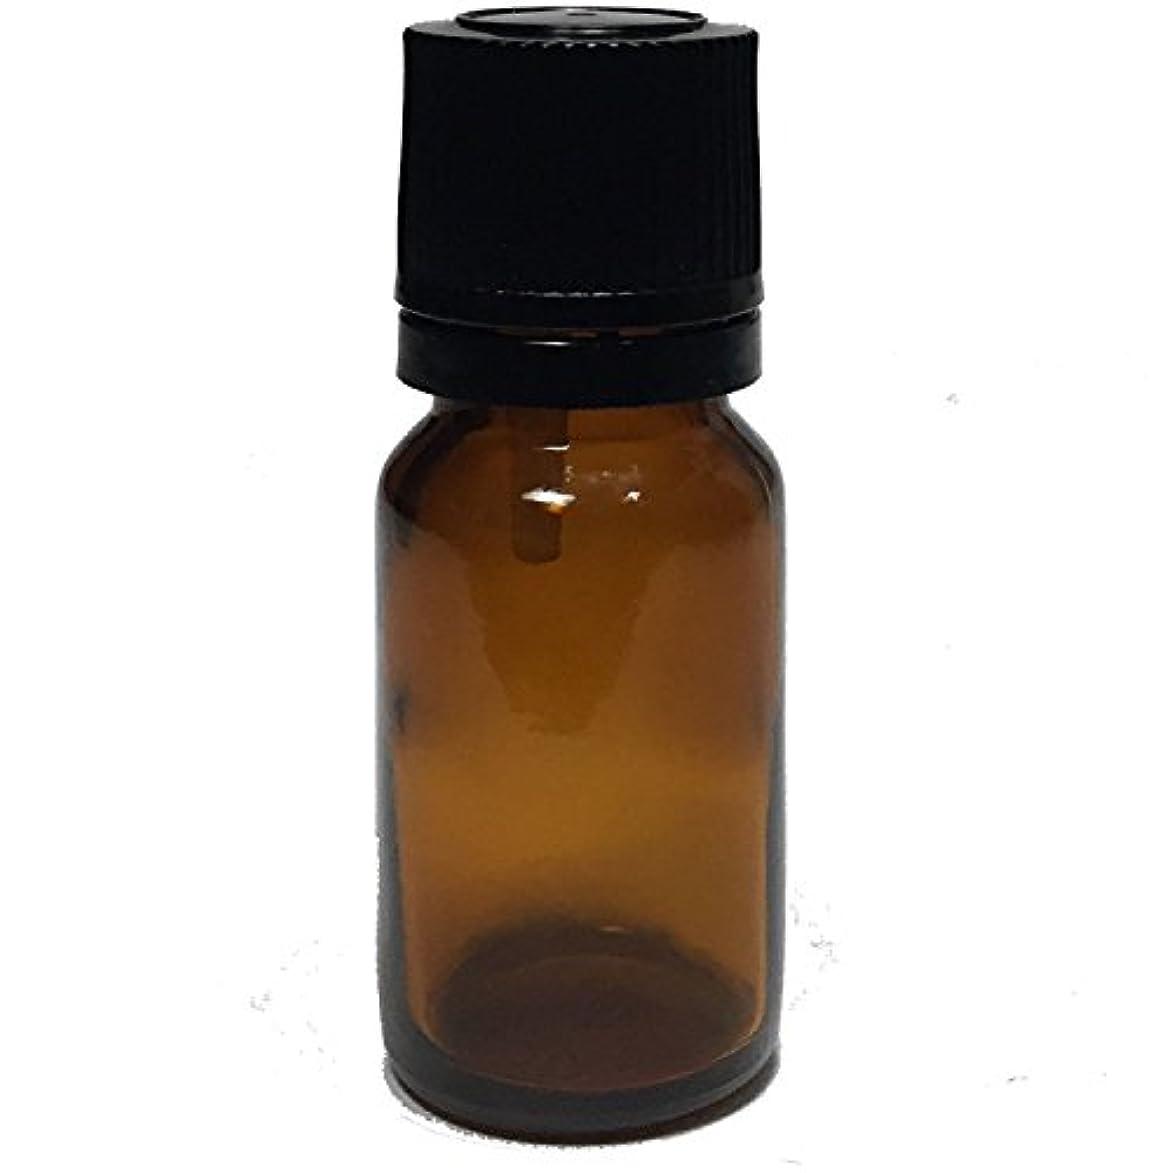 ハンディコンチネンタル額エッセンシャルオイル用茶色遮光瓶 ドロッパー付き 黒キャップ 10ml ガラスビン 10本セット